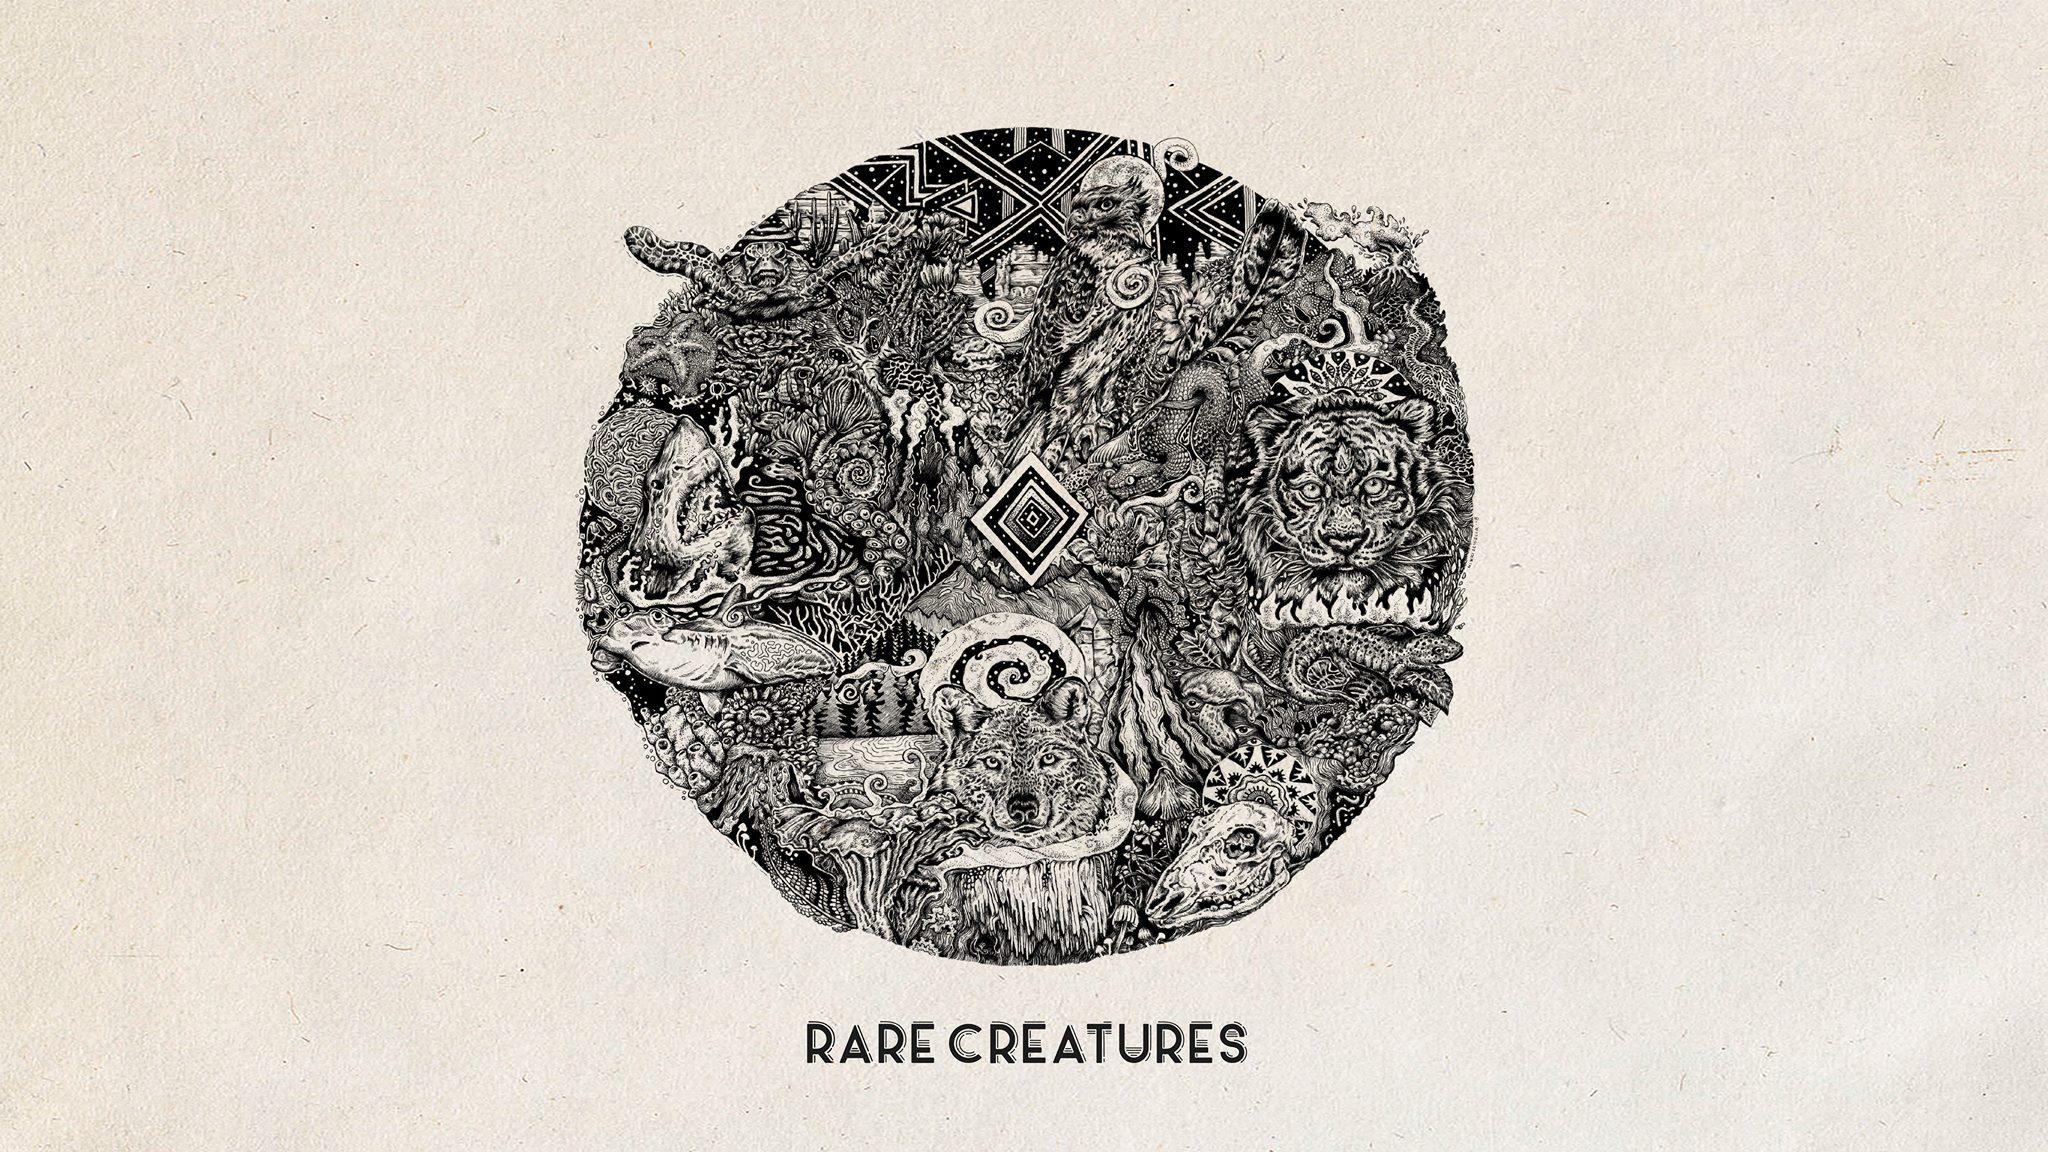 rare creatures album cover.jpg